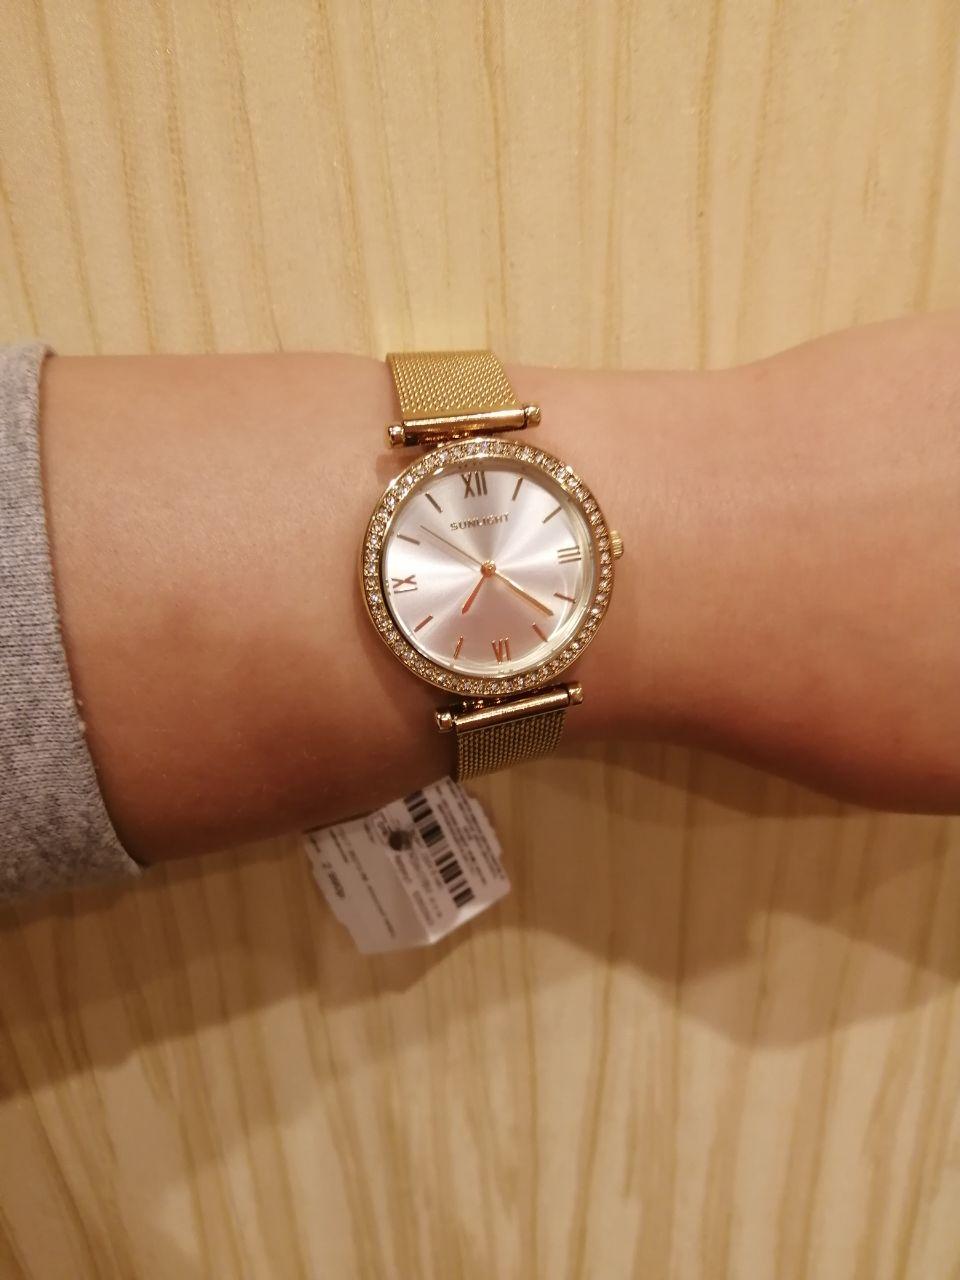 Часы моей мечты💕